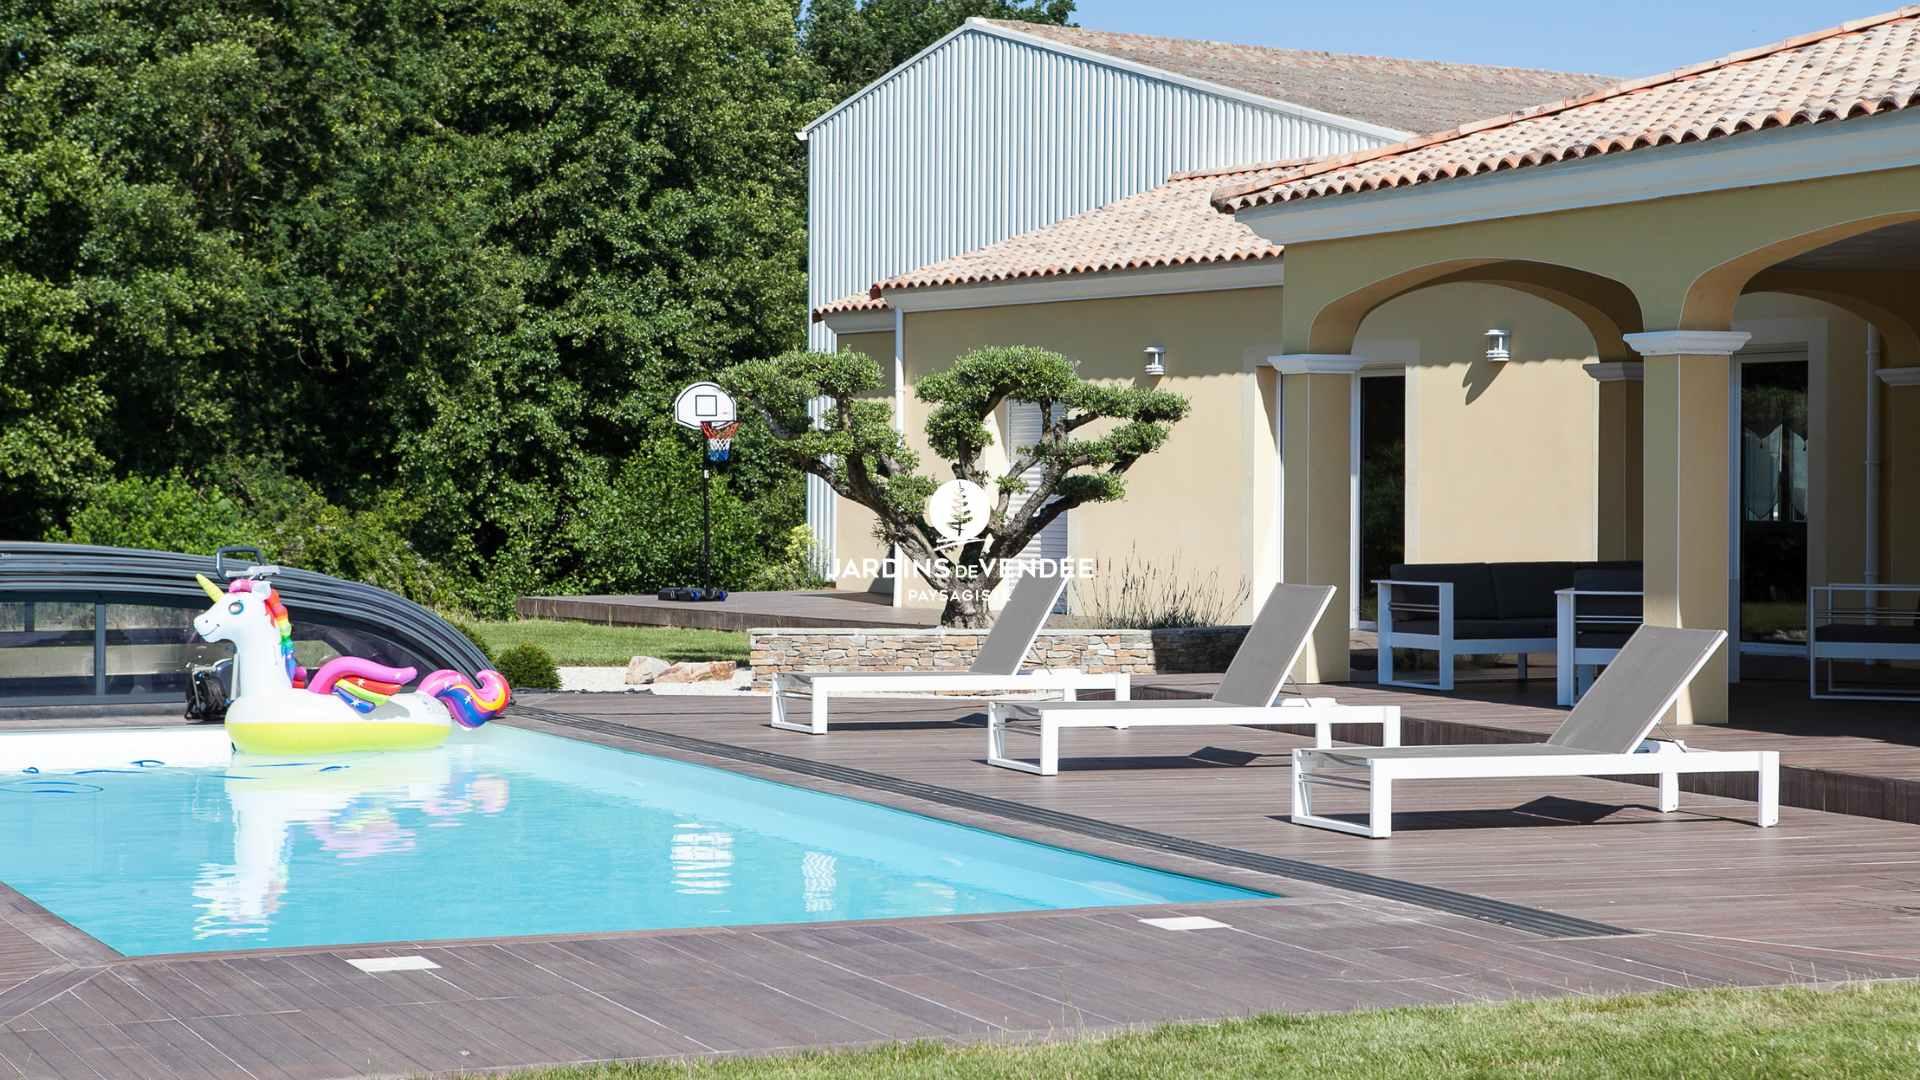 jardinsdevendee-nosrealisations-piscine11-compressed